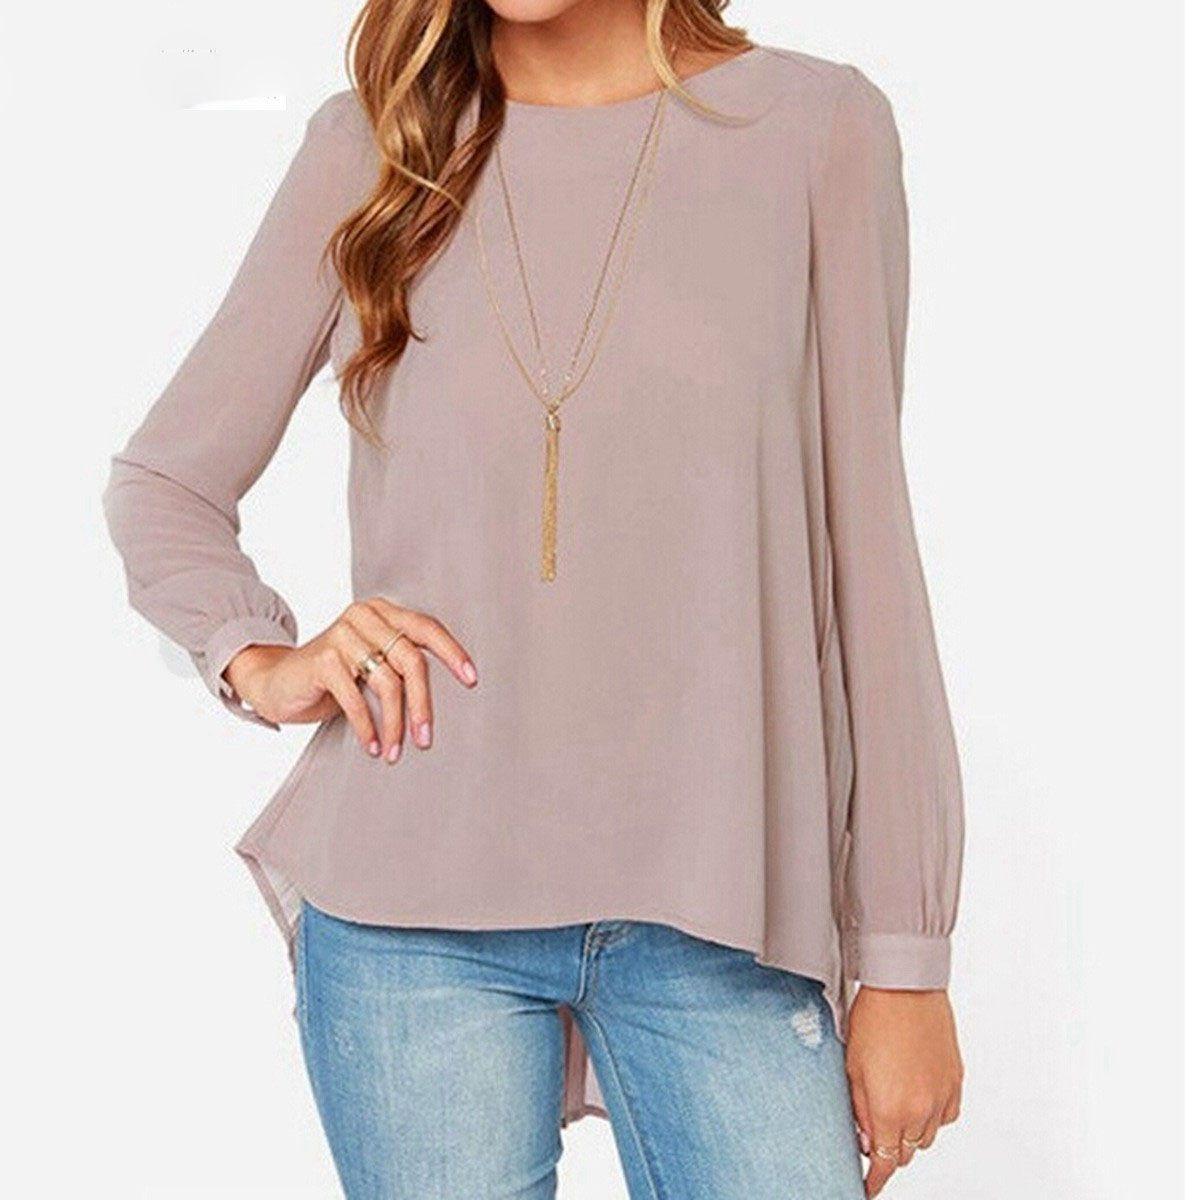 도매 봄 패션 여성 쉬폰 블라우스 캐주얼 셔츠 Blusas 여성 긴 소매 플레 티 백 느슨한 블라우스 플러스 크기